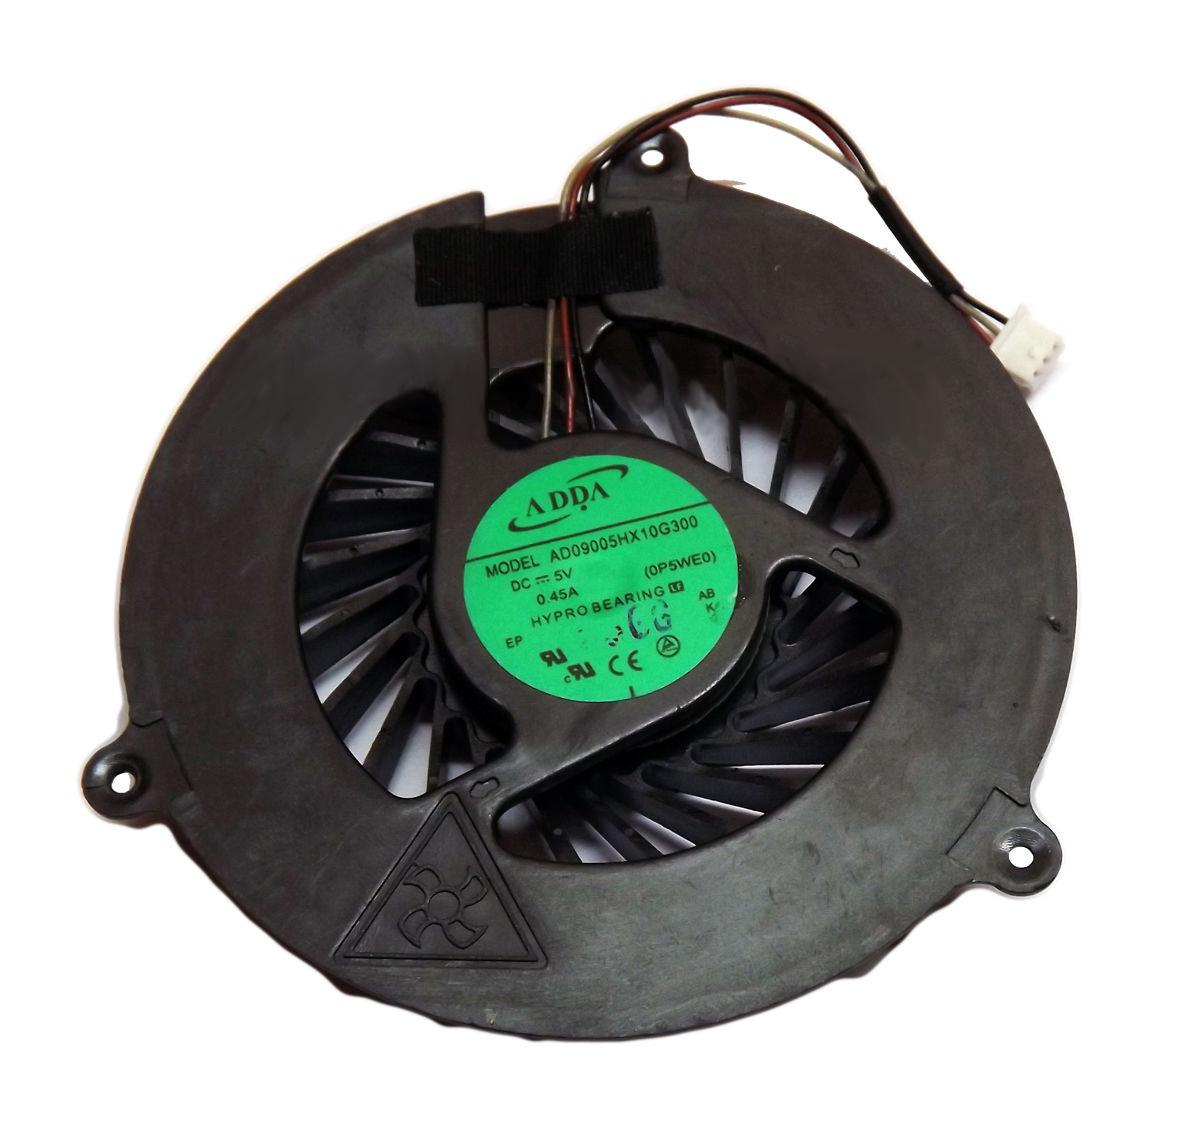 Ventilátor chlazení pro notebooky Acer aspire 5350 5750 5750G 5755 5755G P5WE0 V3-571G V3-551G Pro oddělenou grafickou kartu - verze 2